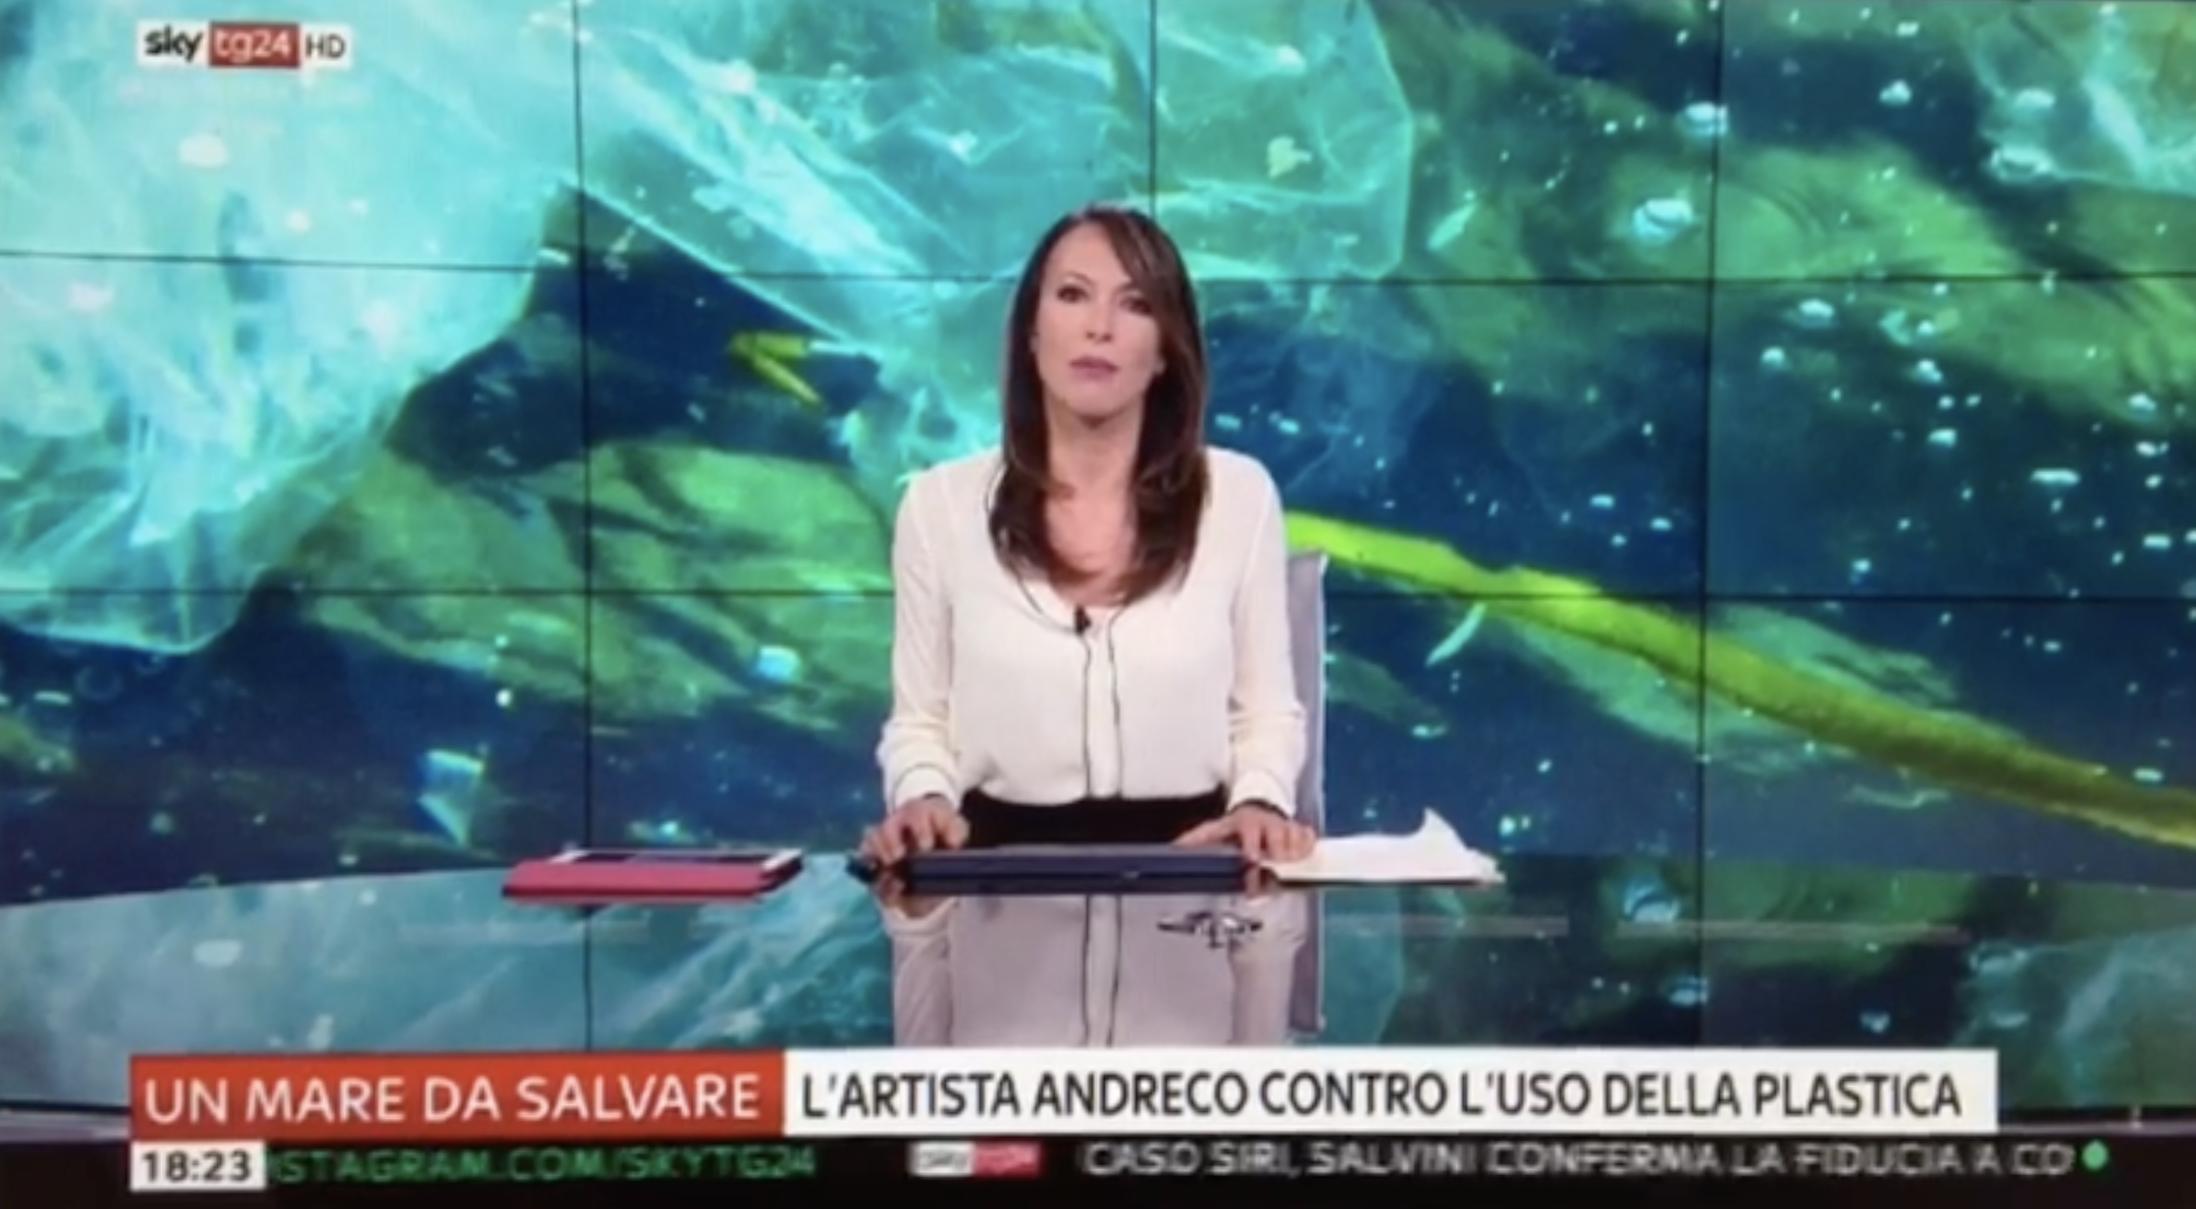 Un mare da salvare | L'artista Andreco contro l'uso della plastica